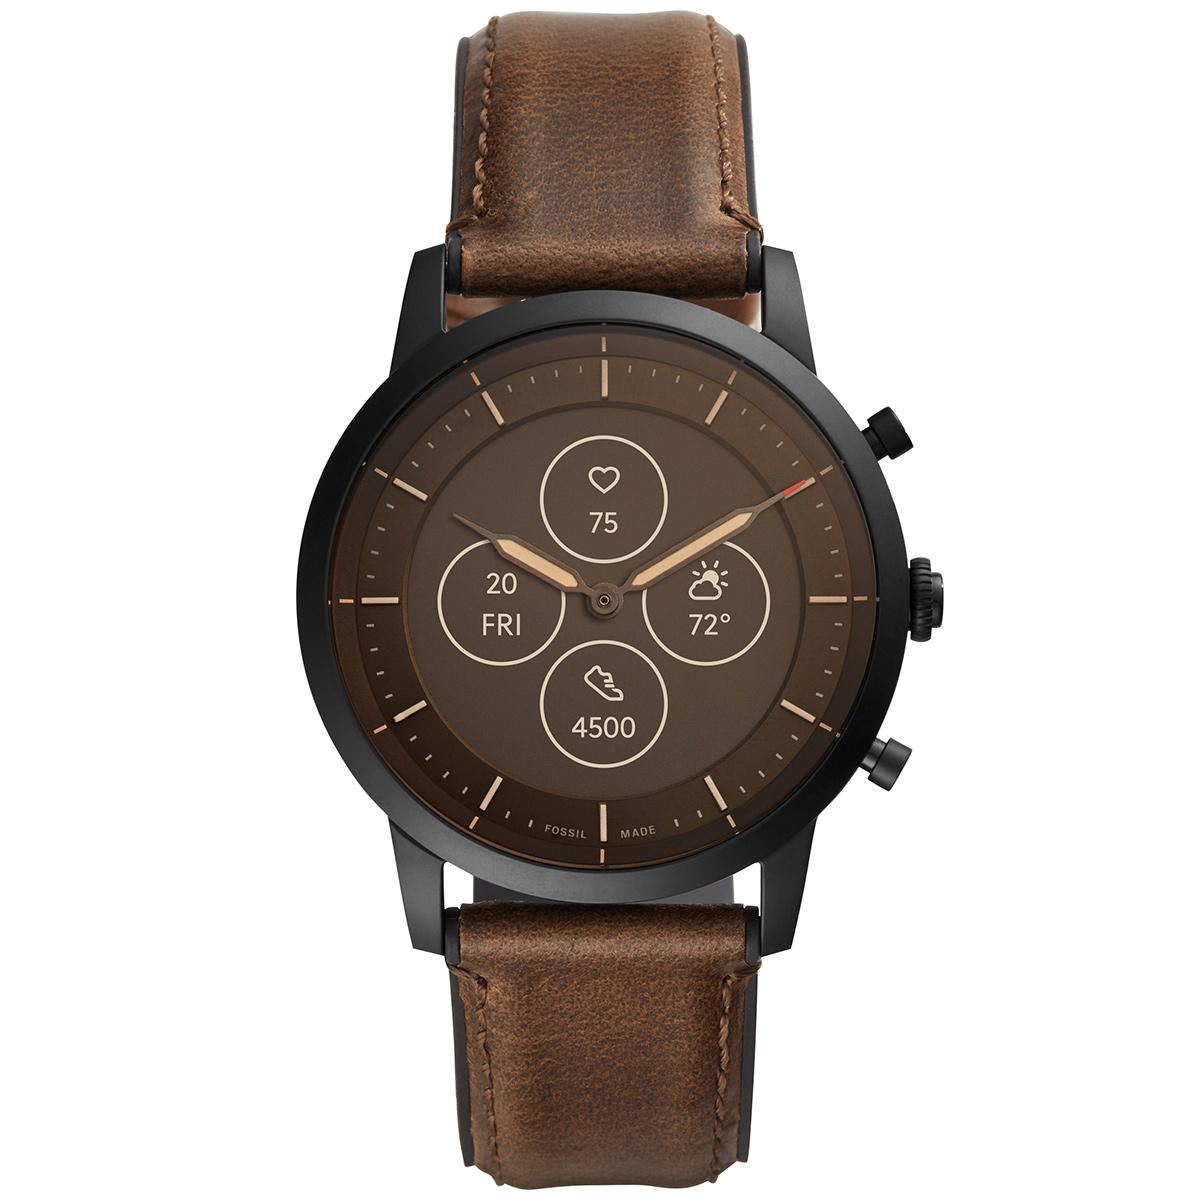 フォッシル FOSSIL ハイブリッド スマートウォッチHR コライダー COLLIDER ウェアラブル 腕時計 メンズ レディース FTW7008